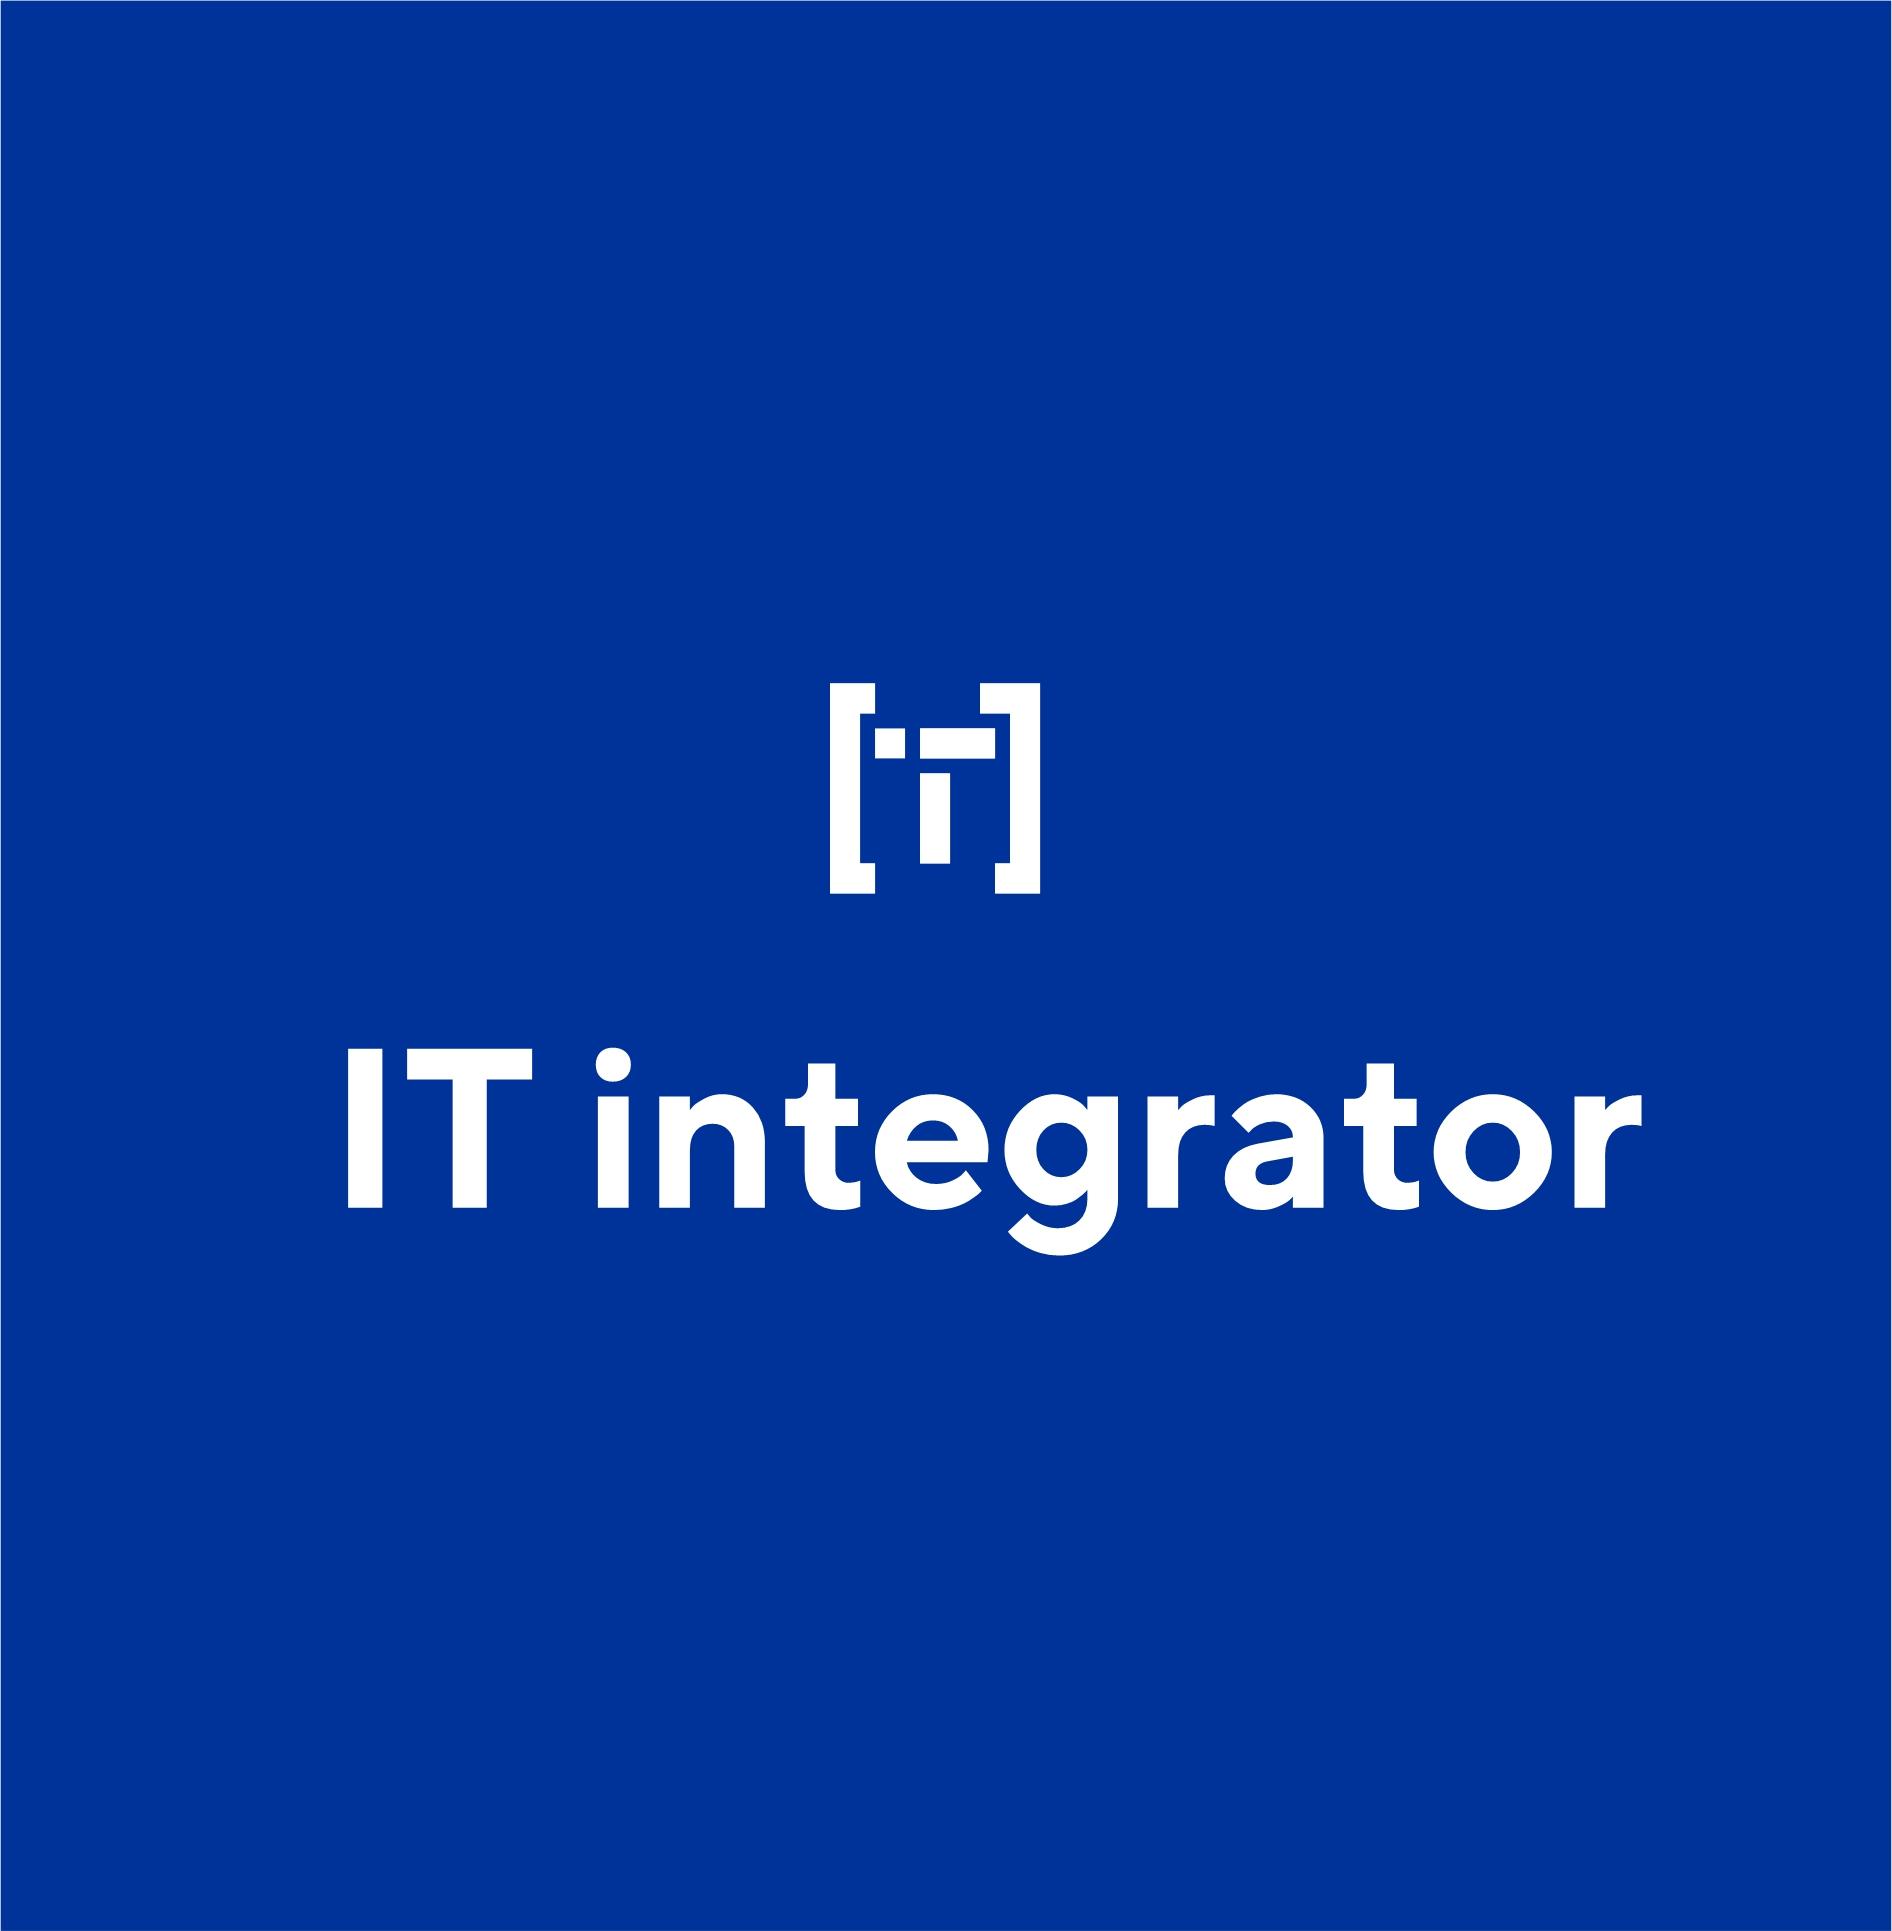 Логотип для IT интегратора фото f_8966149c0334b145.jpg